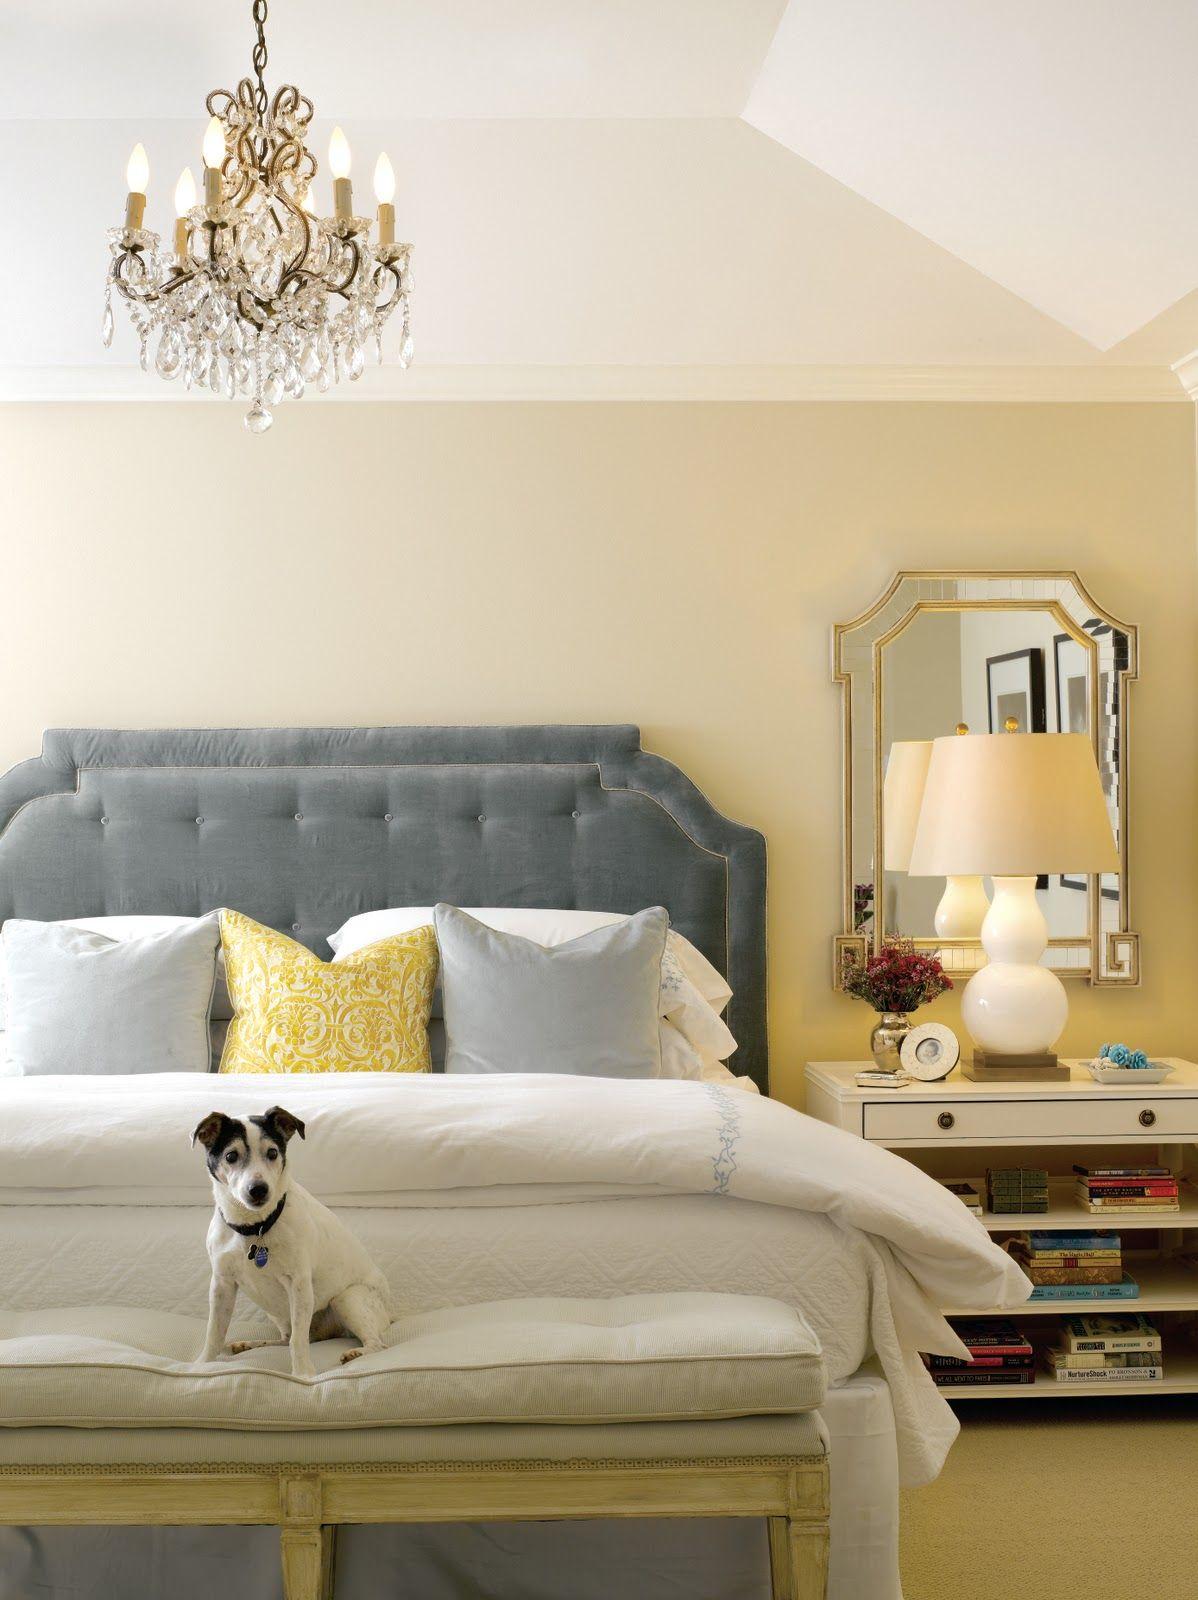 feng shui schlafzimmer spiegel beruhigende farben f rs schlafzimmer ikea bettw sche 135x200. Black Bedroom Furniture Sets. Home Design Ideas